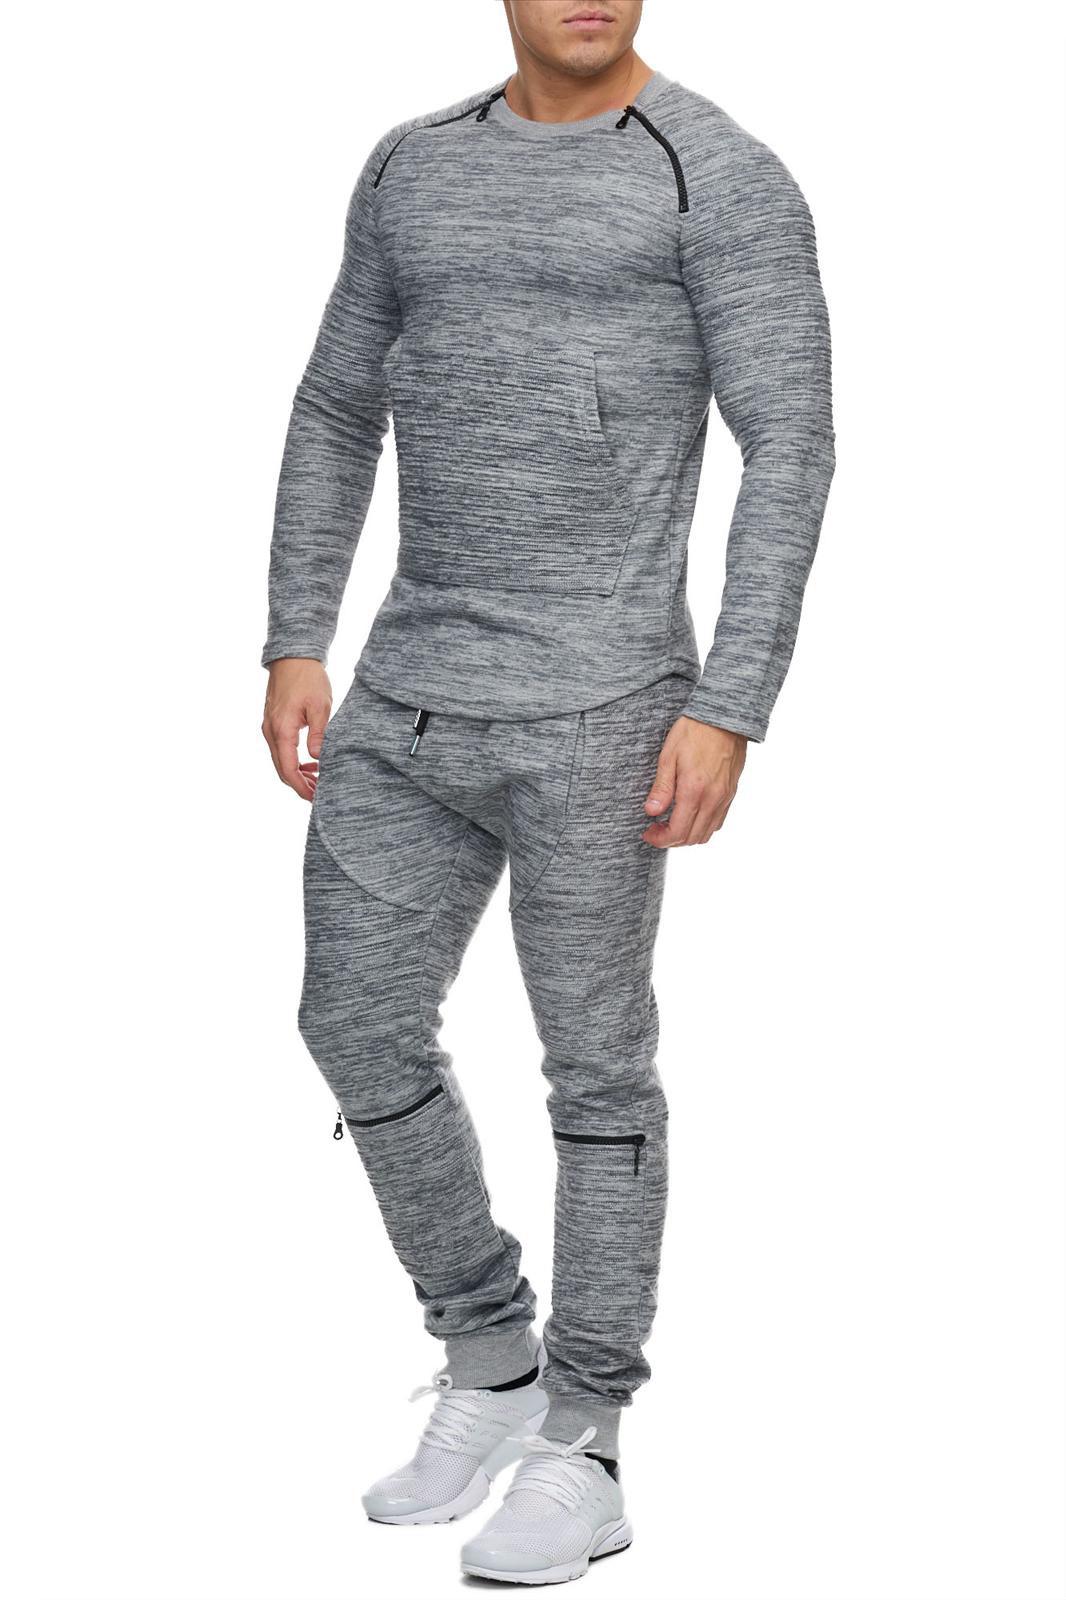 survêtement gris pour homme